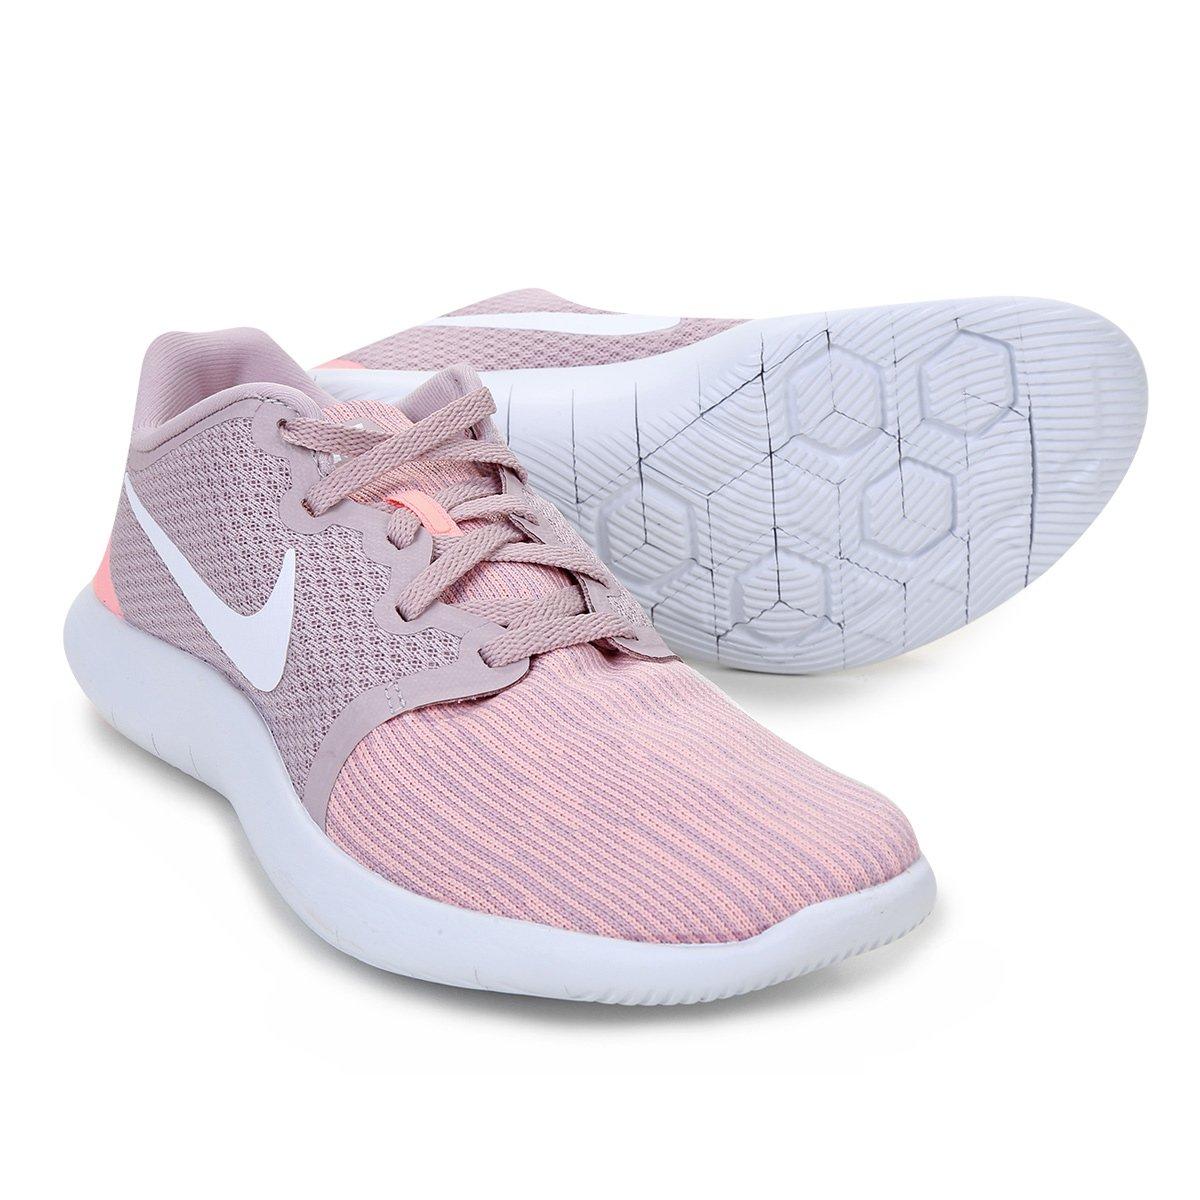 83167210d2 Tênis Nike Flex Contact 2 Feminino - Rosa - Compre Agora